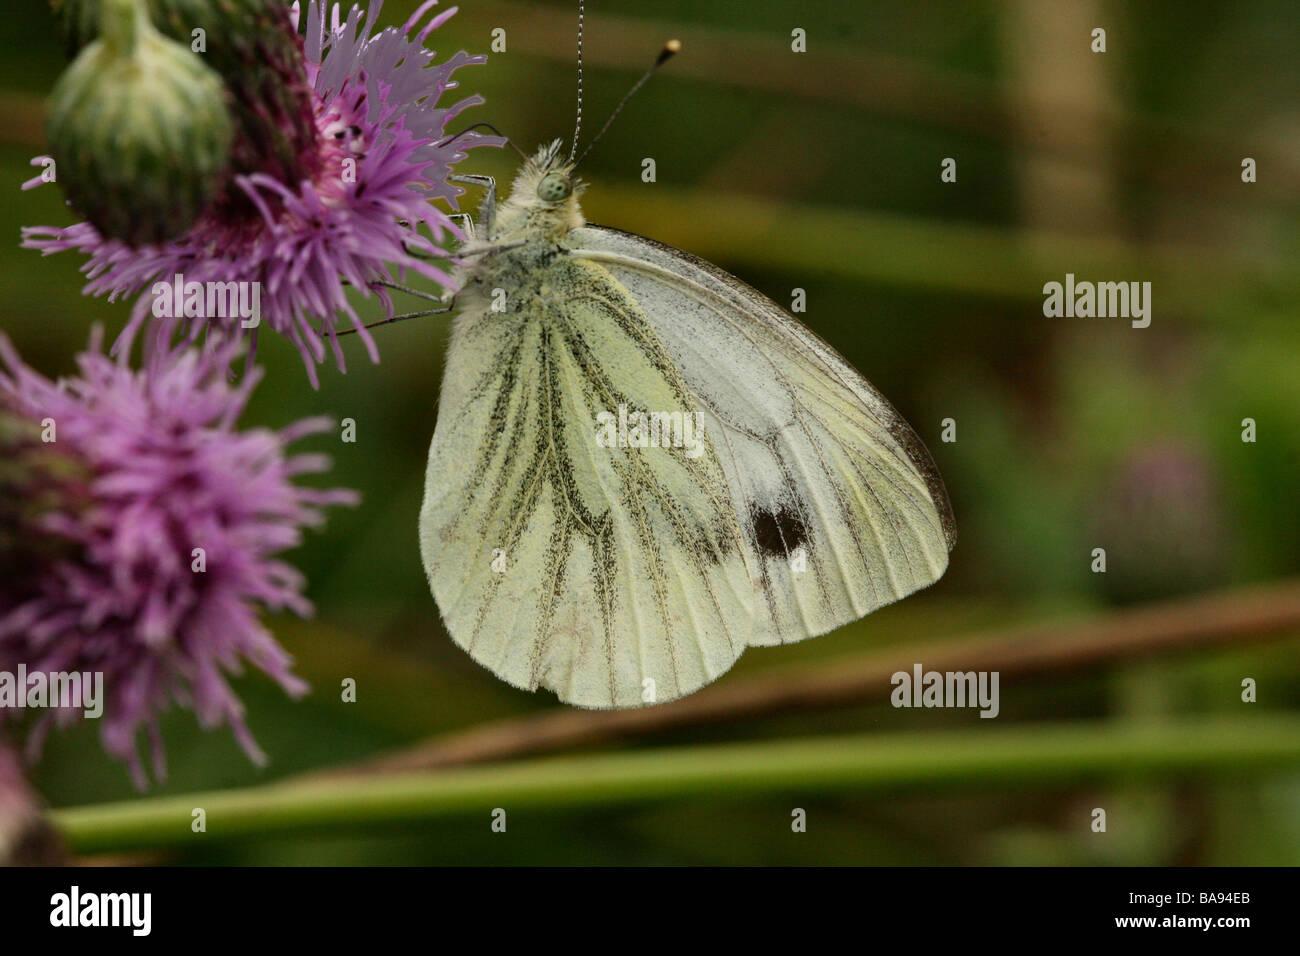 Verde bianco venato Butterfly Sarcococca napi Pieridae famiglia mostra profilo hindwing in macro shot Immagini Stock